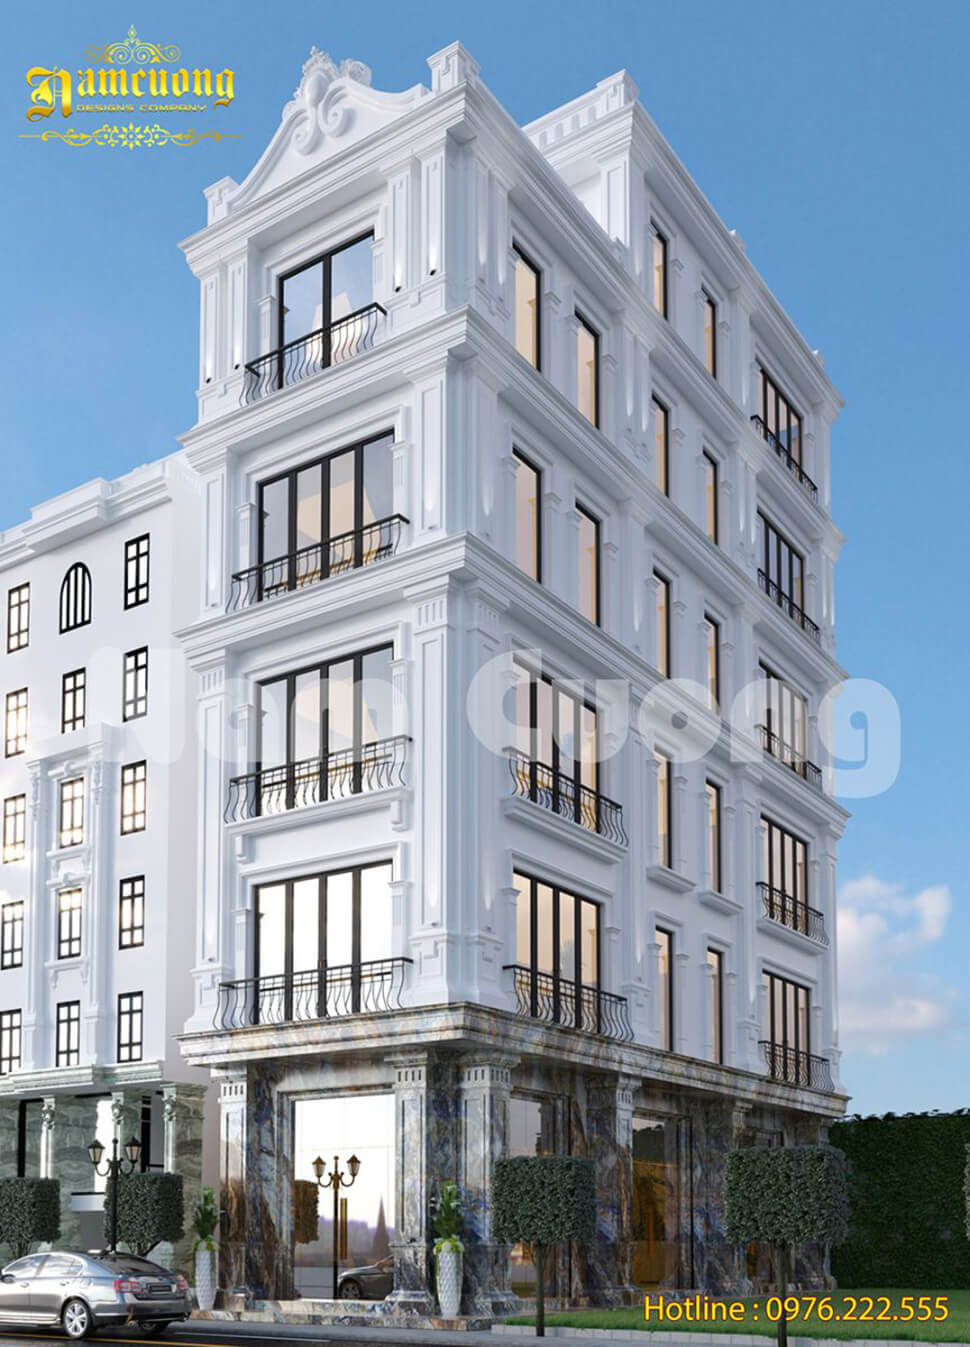 thiết kế biệt thự màu trắng